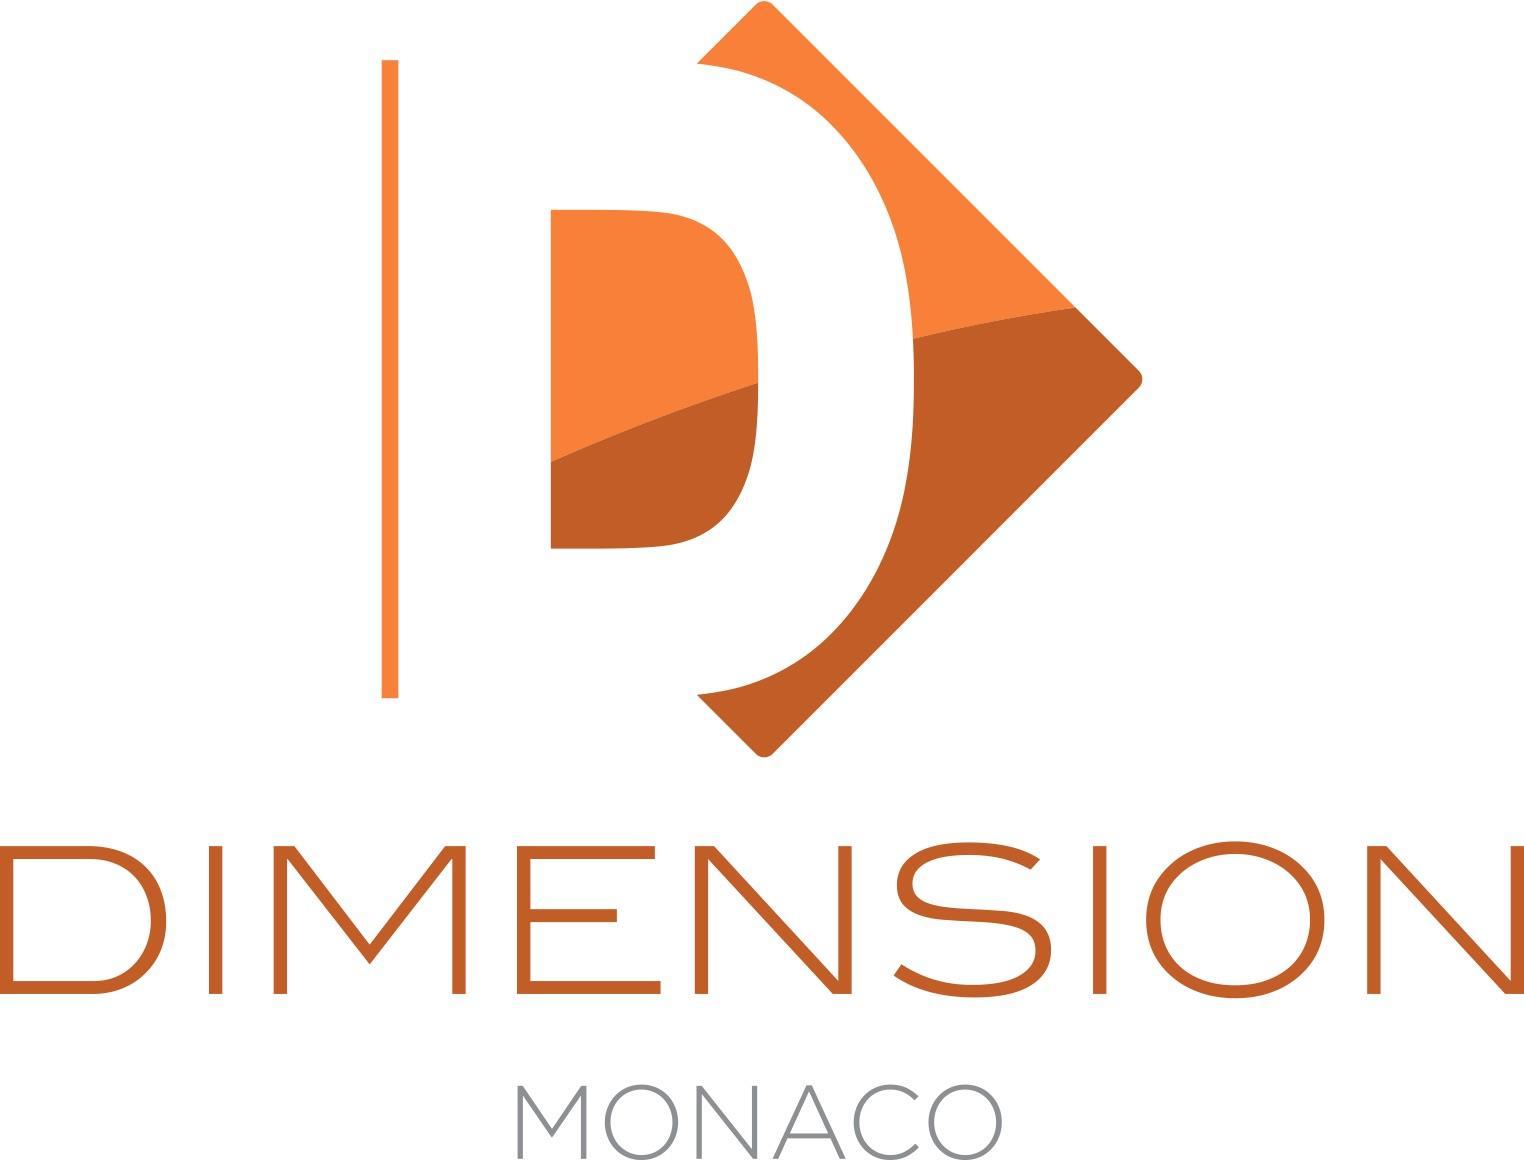 DIMENSION MONACO